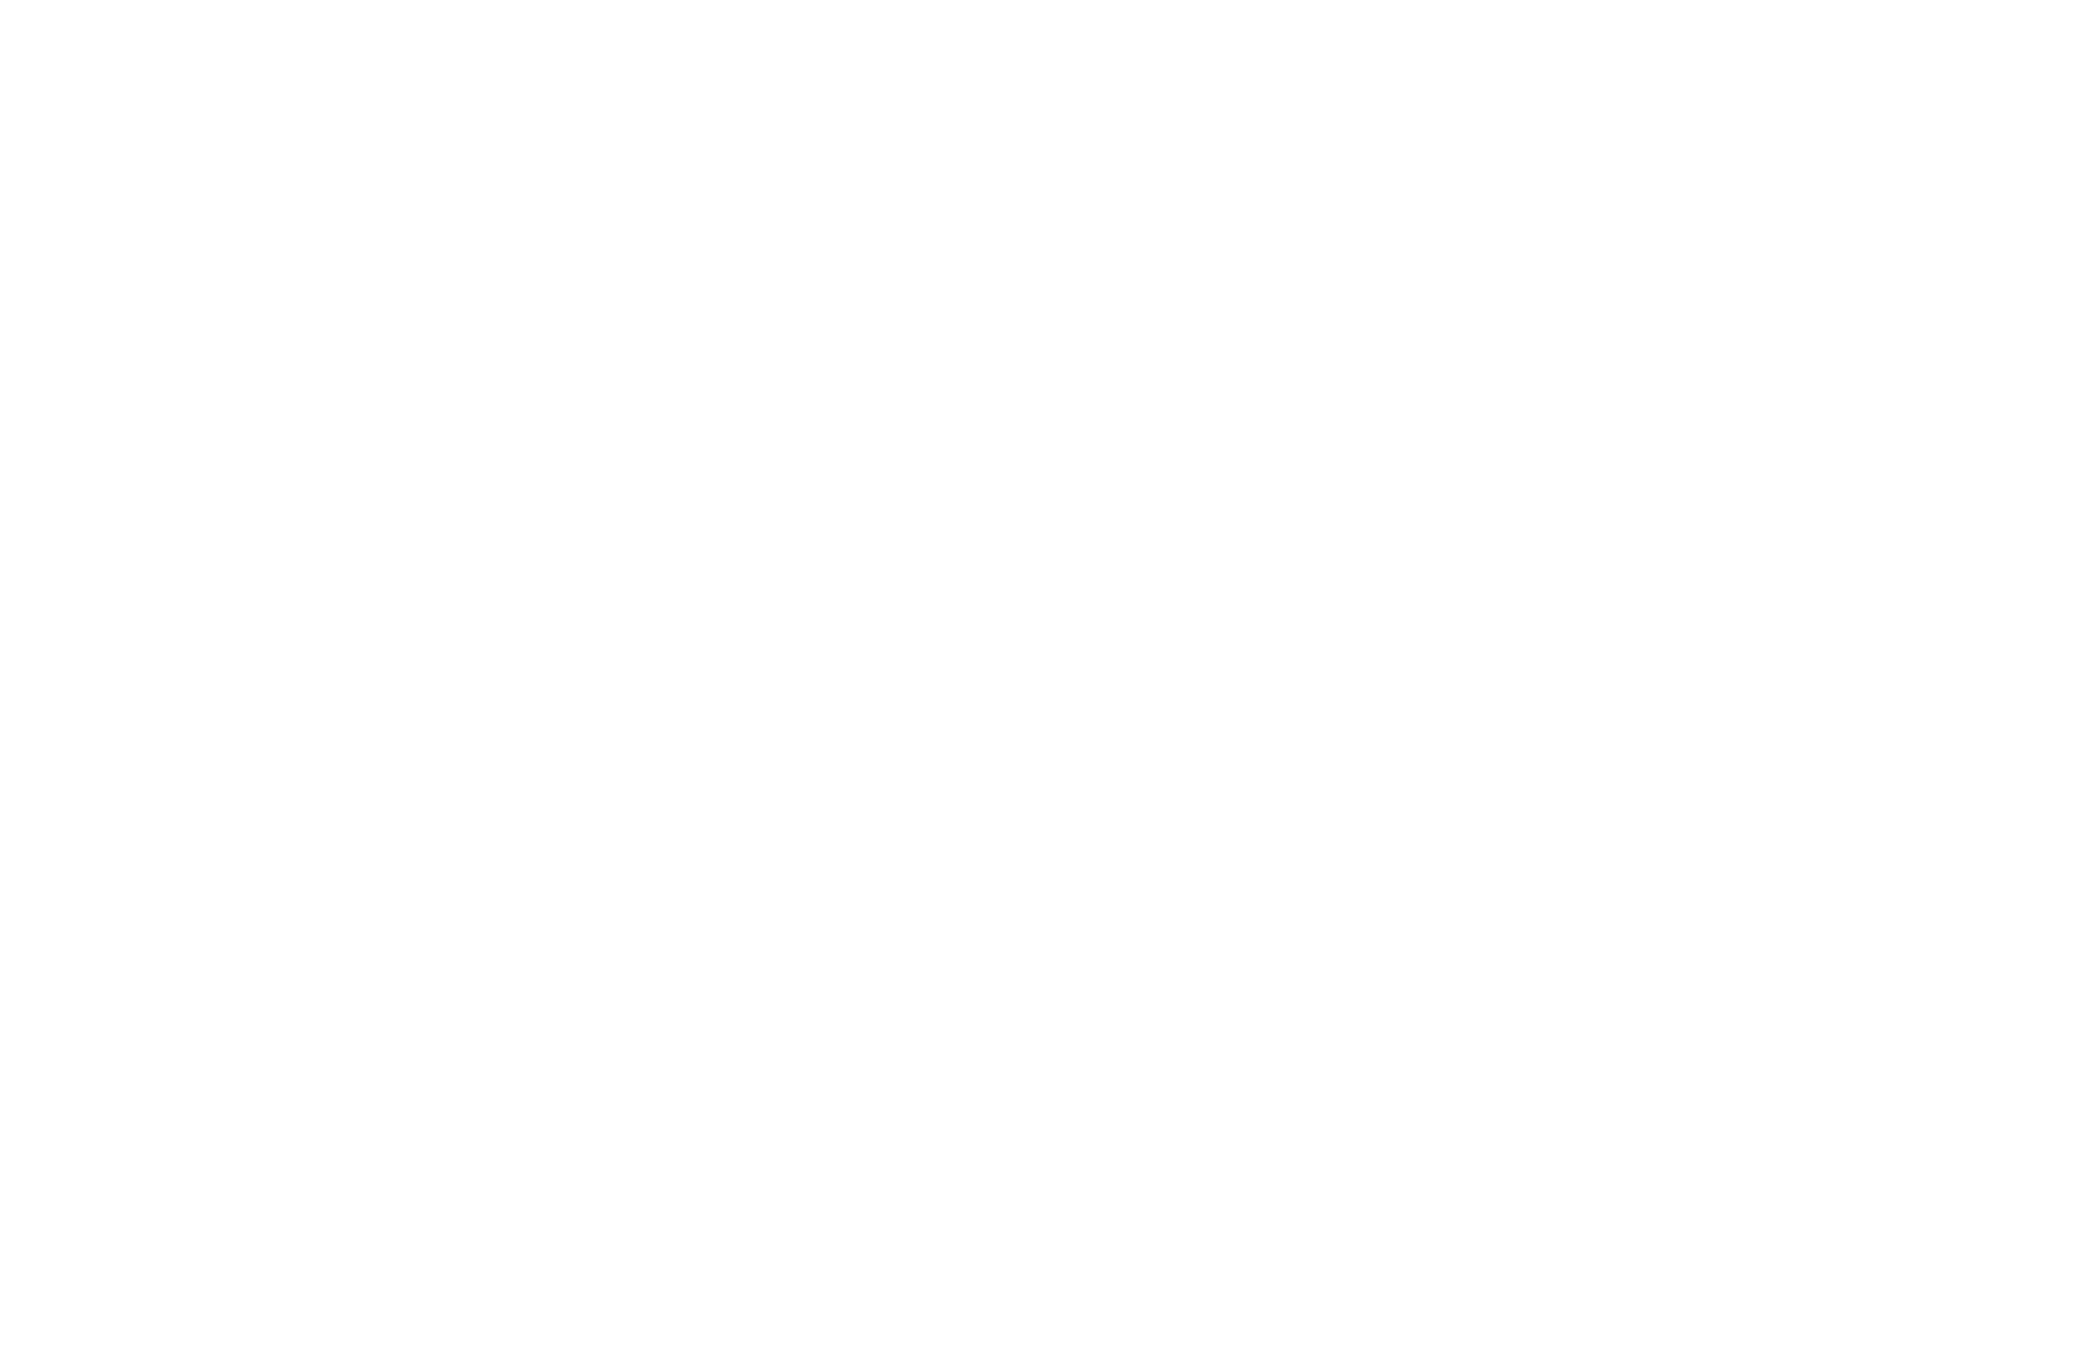 ウィルクスが選ばれる理由